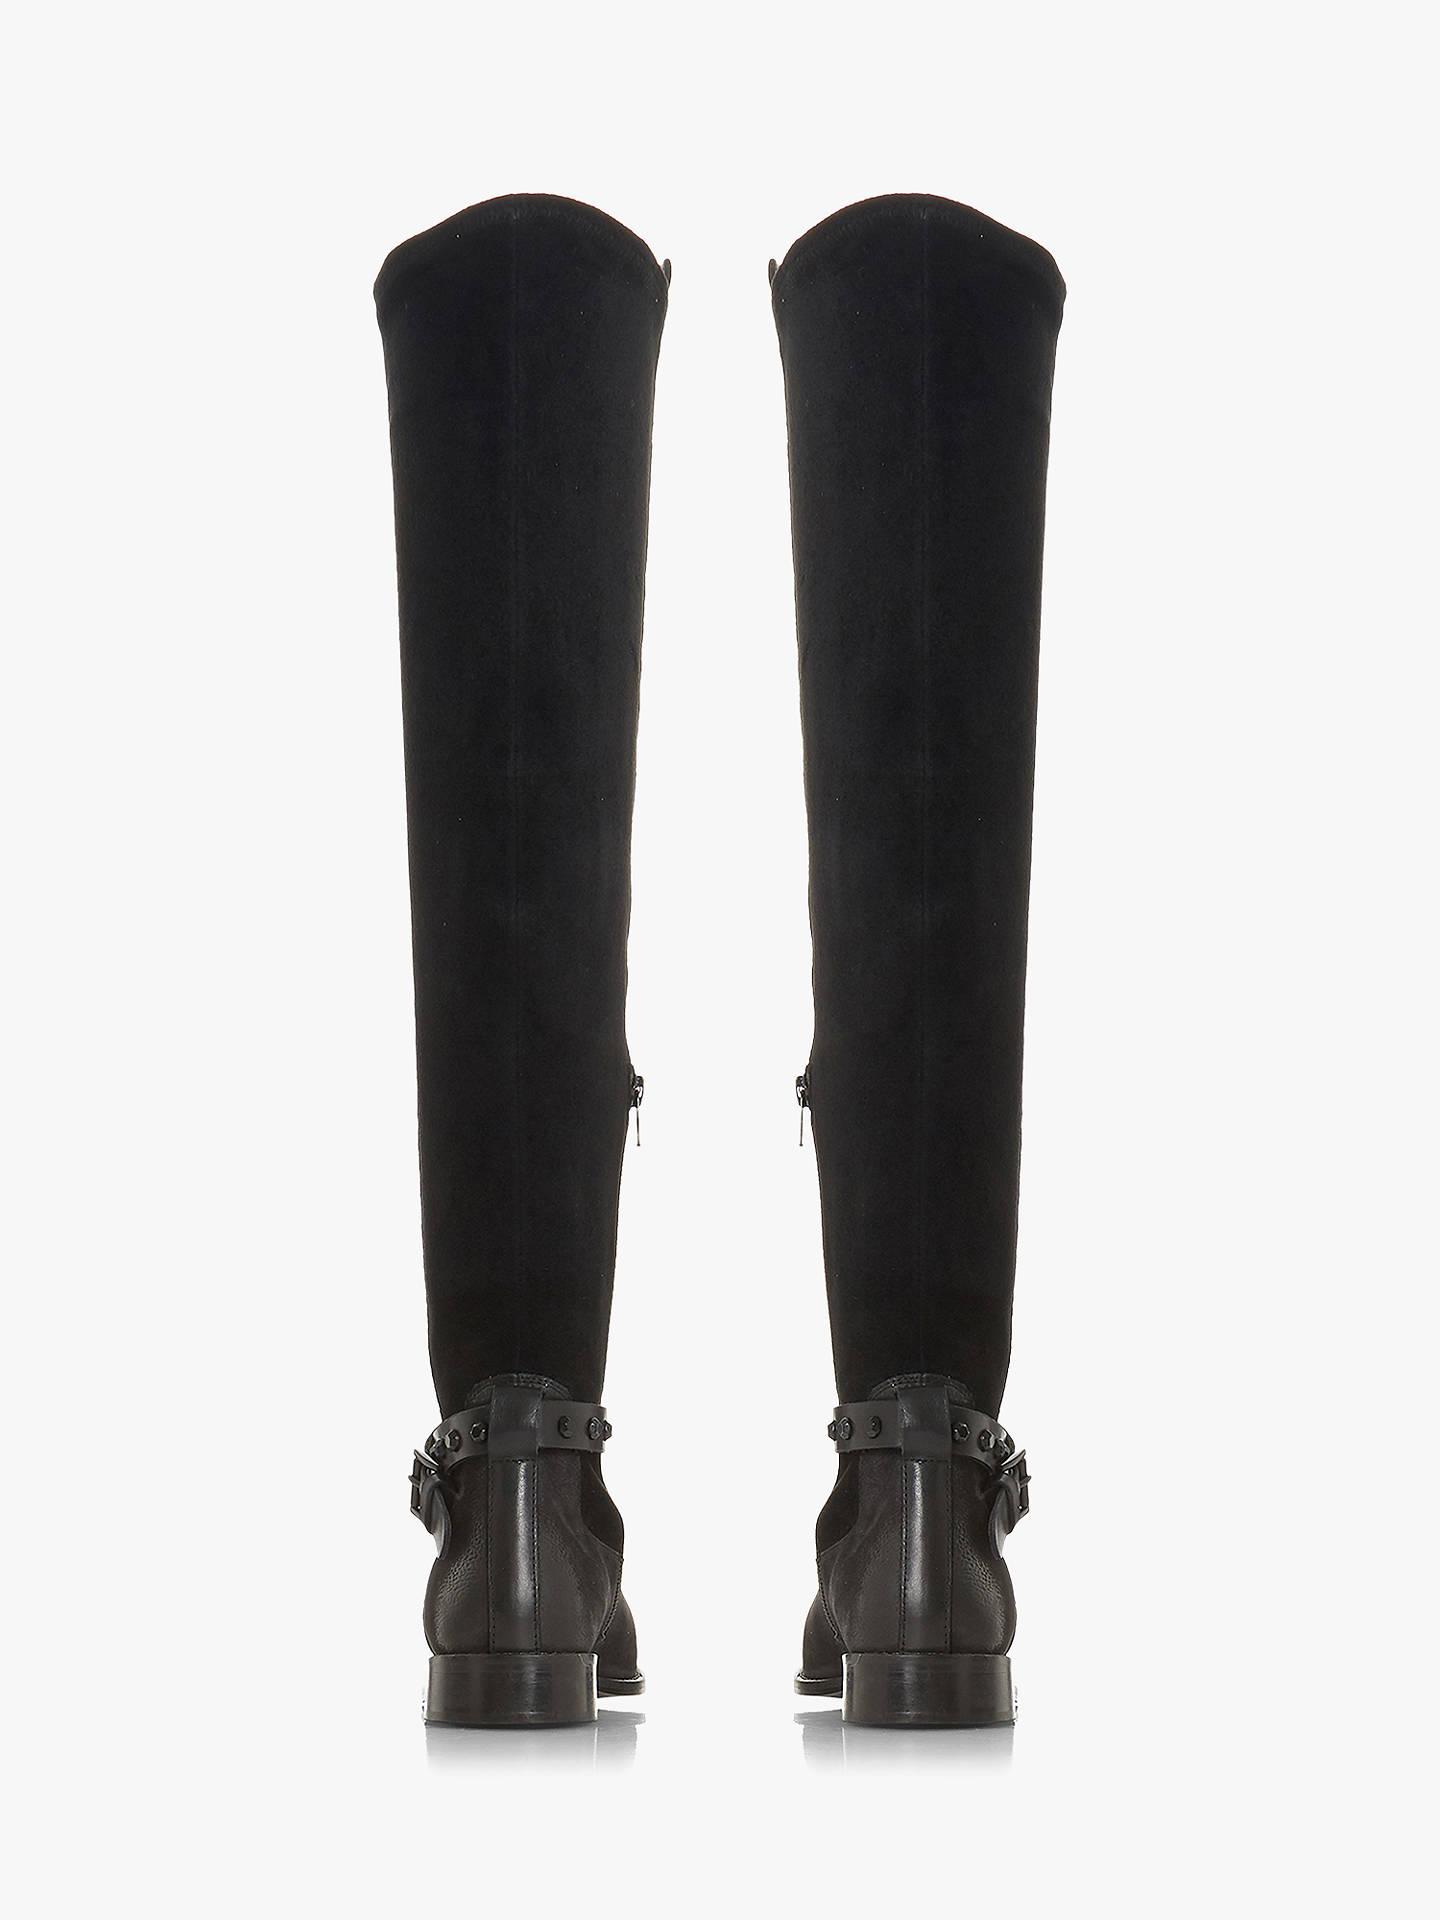 03c821a10b8 ... Buy Bertie Takoon Knee High Boots